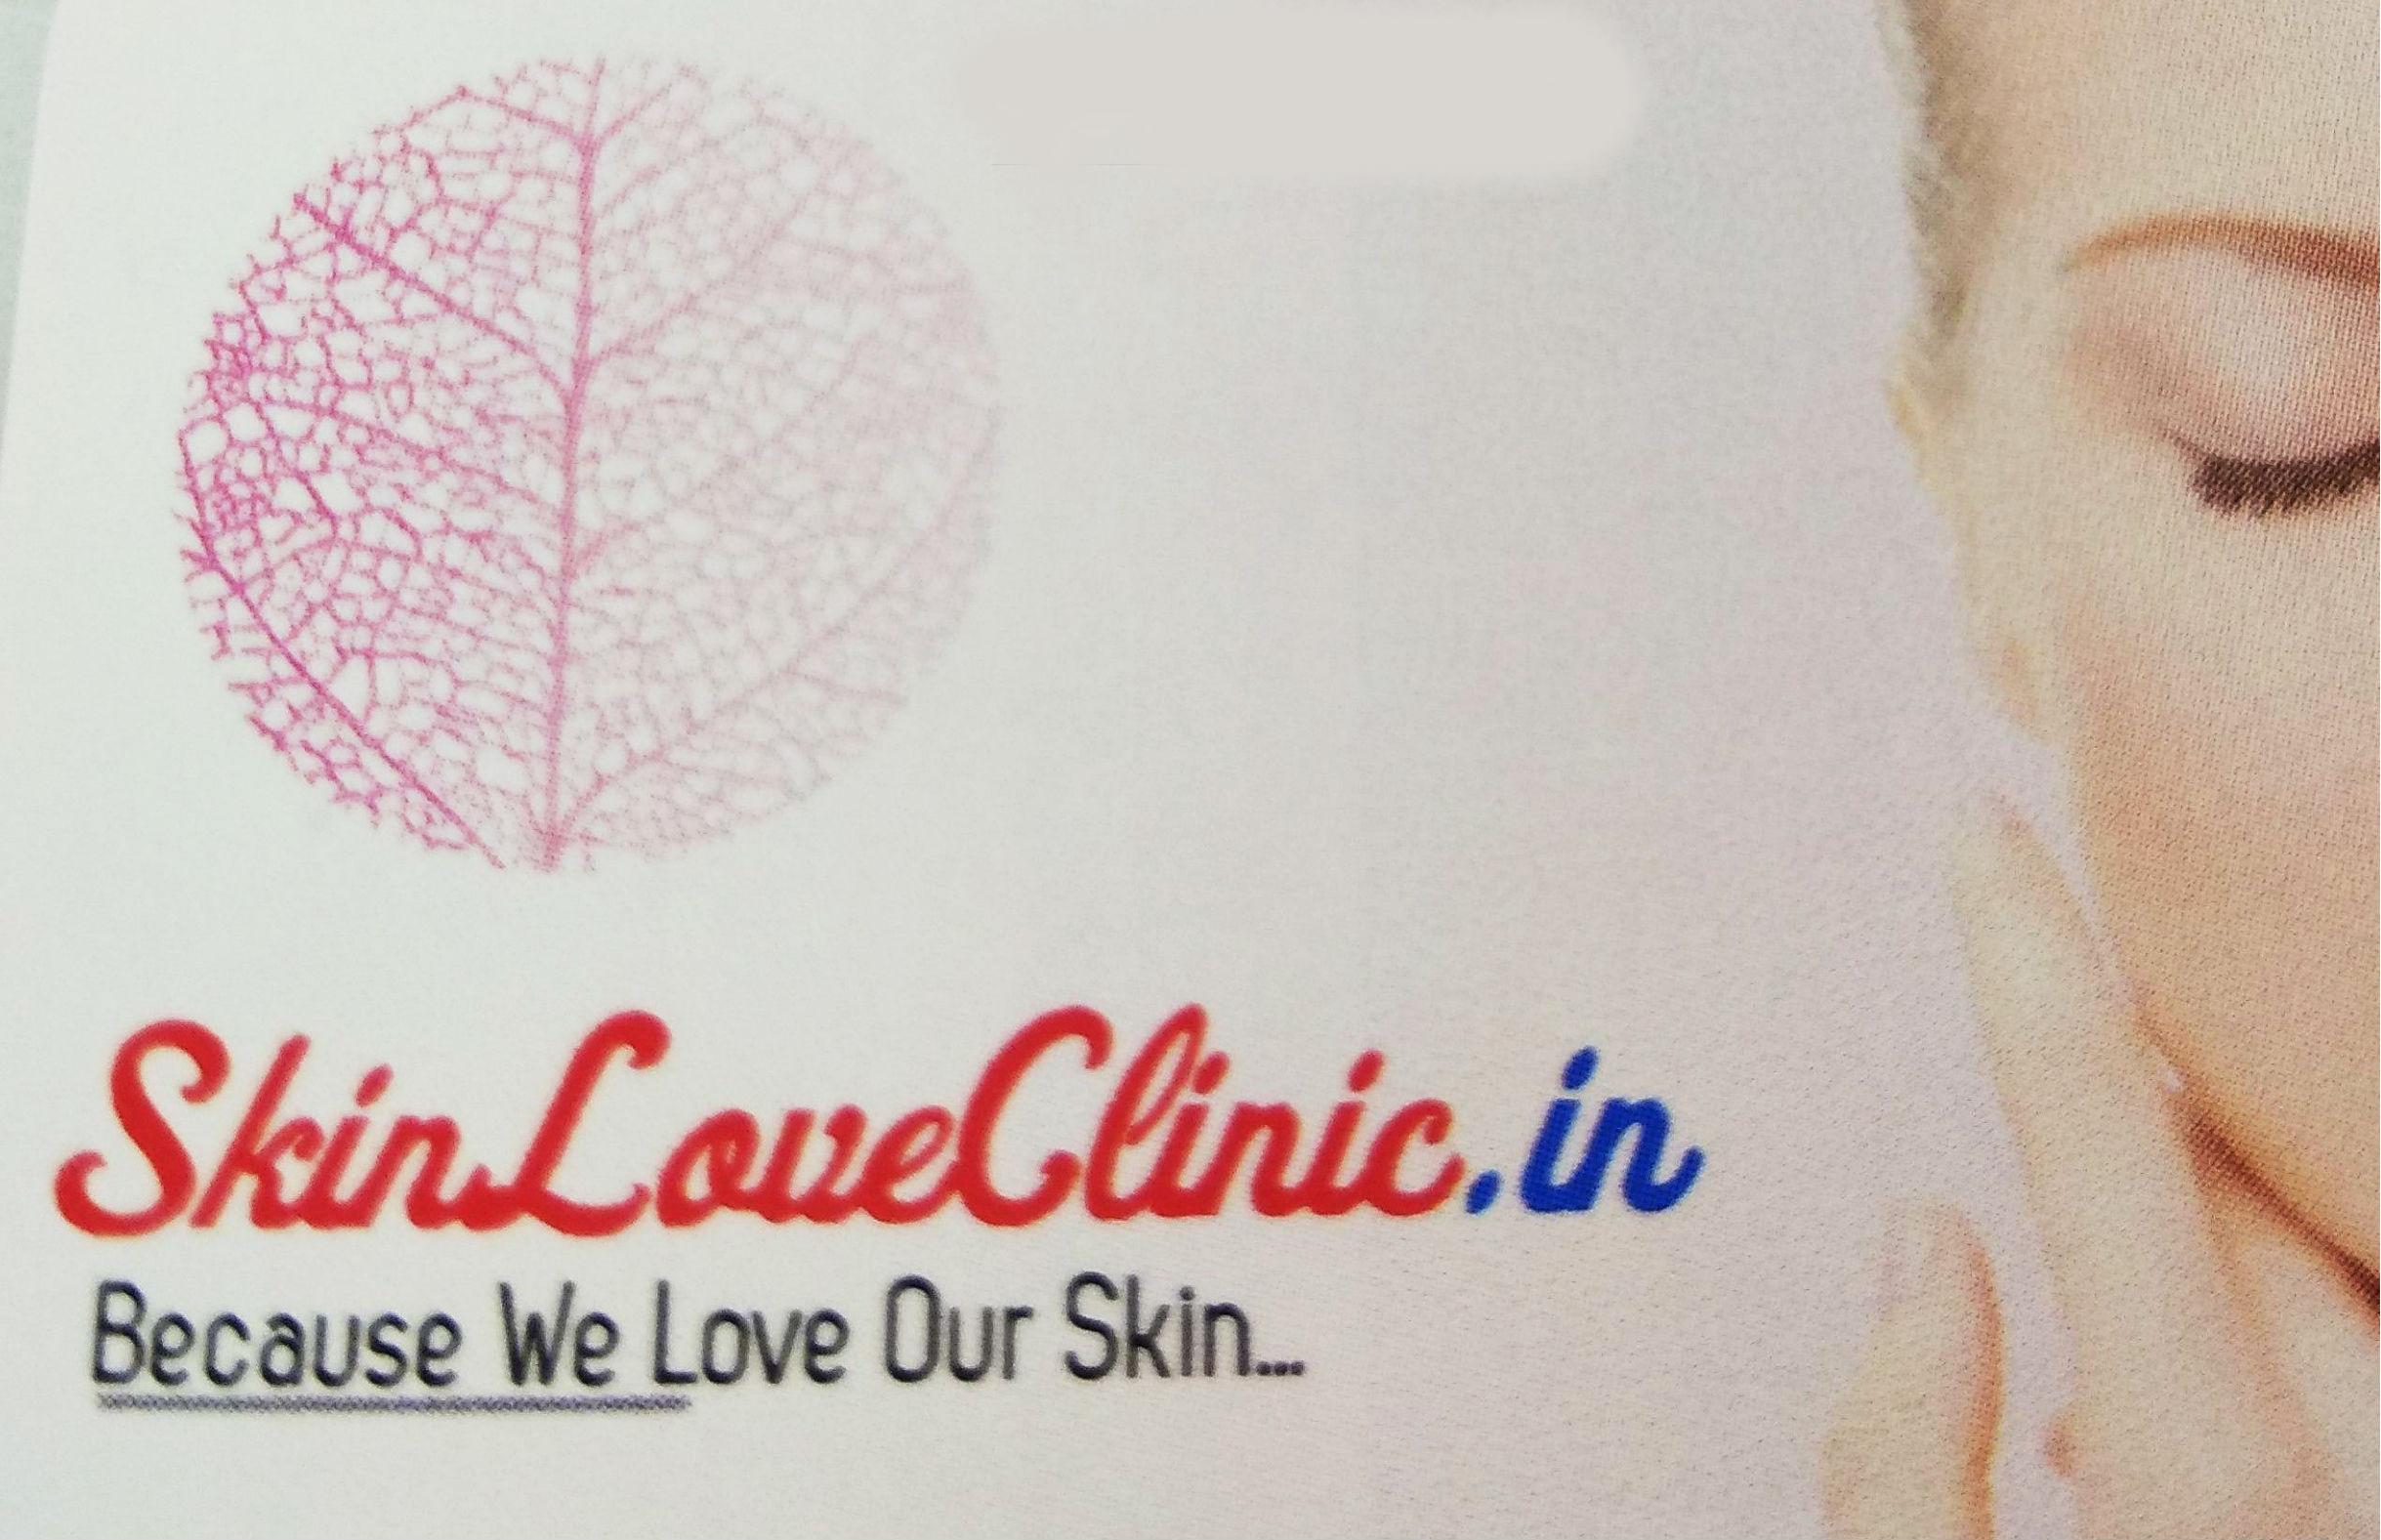 Skin Love Clinic